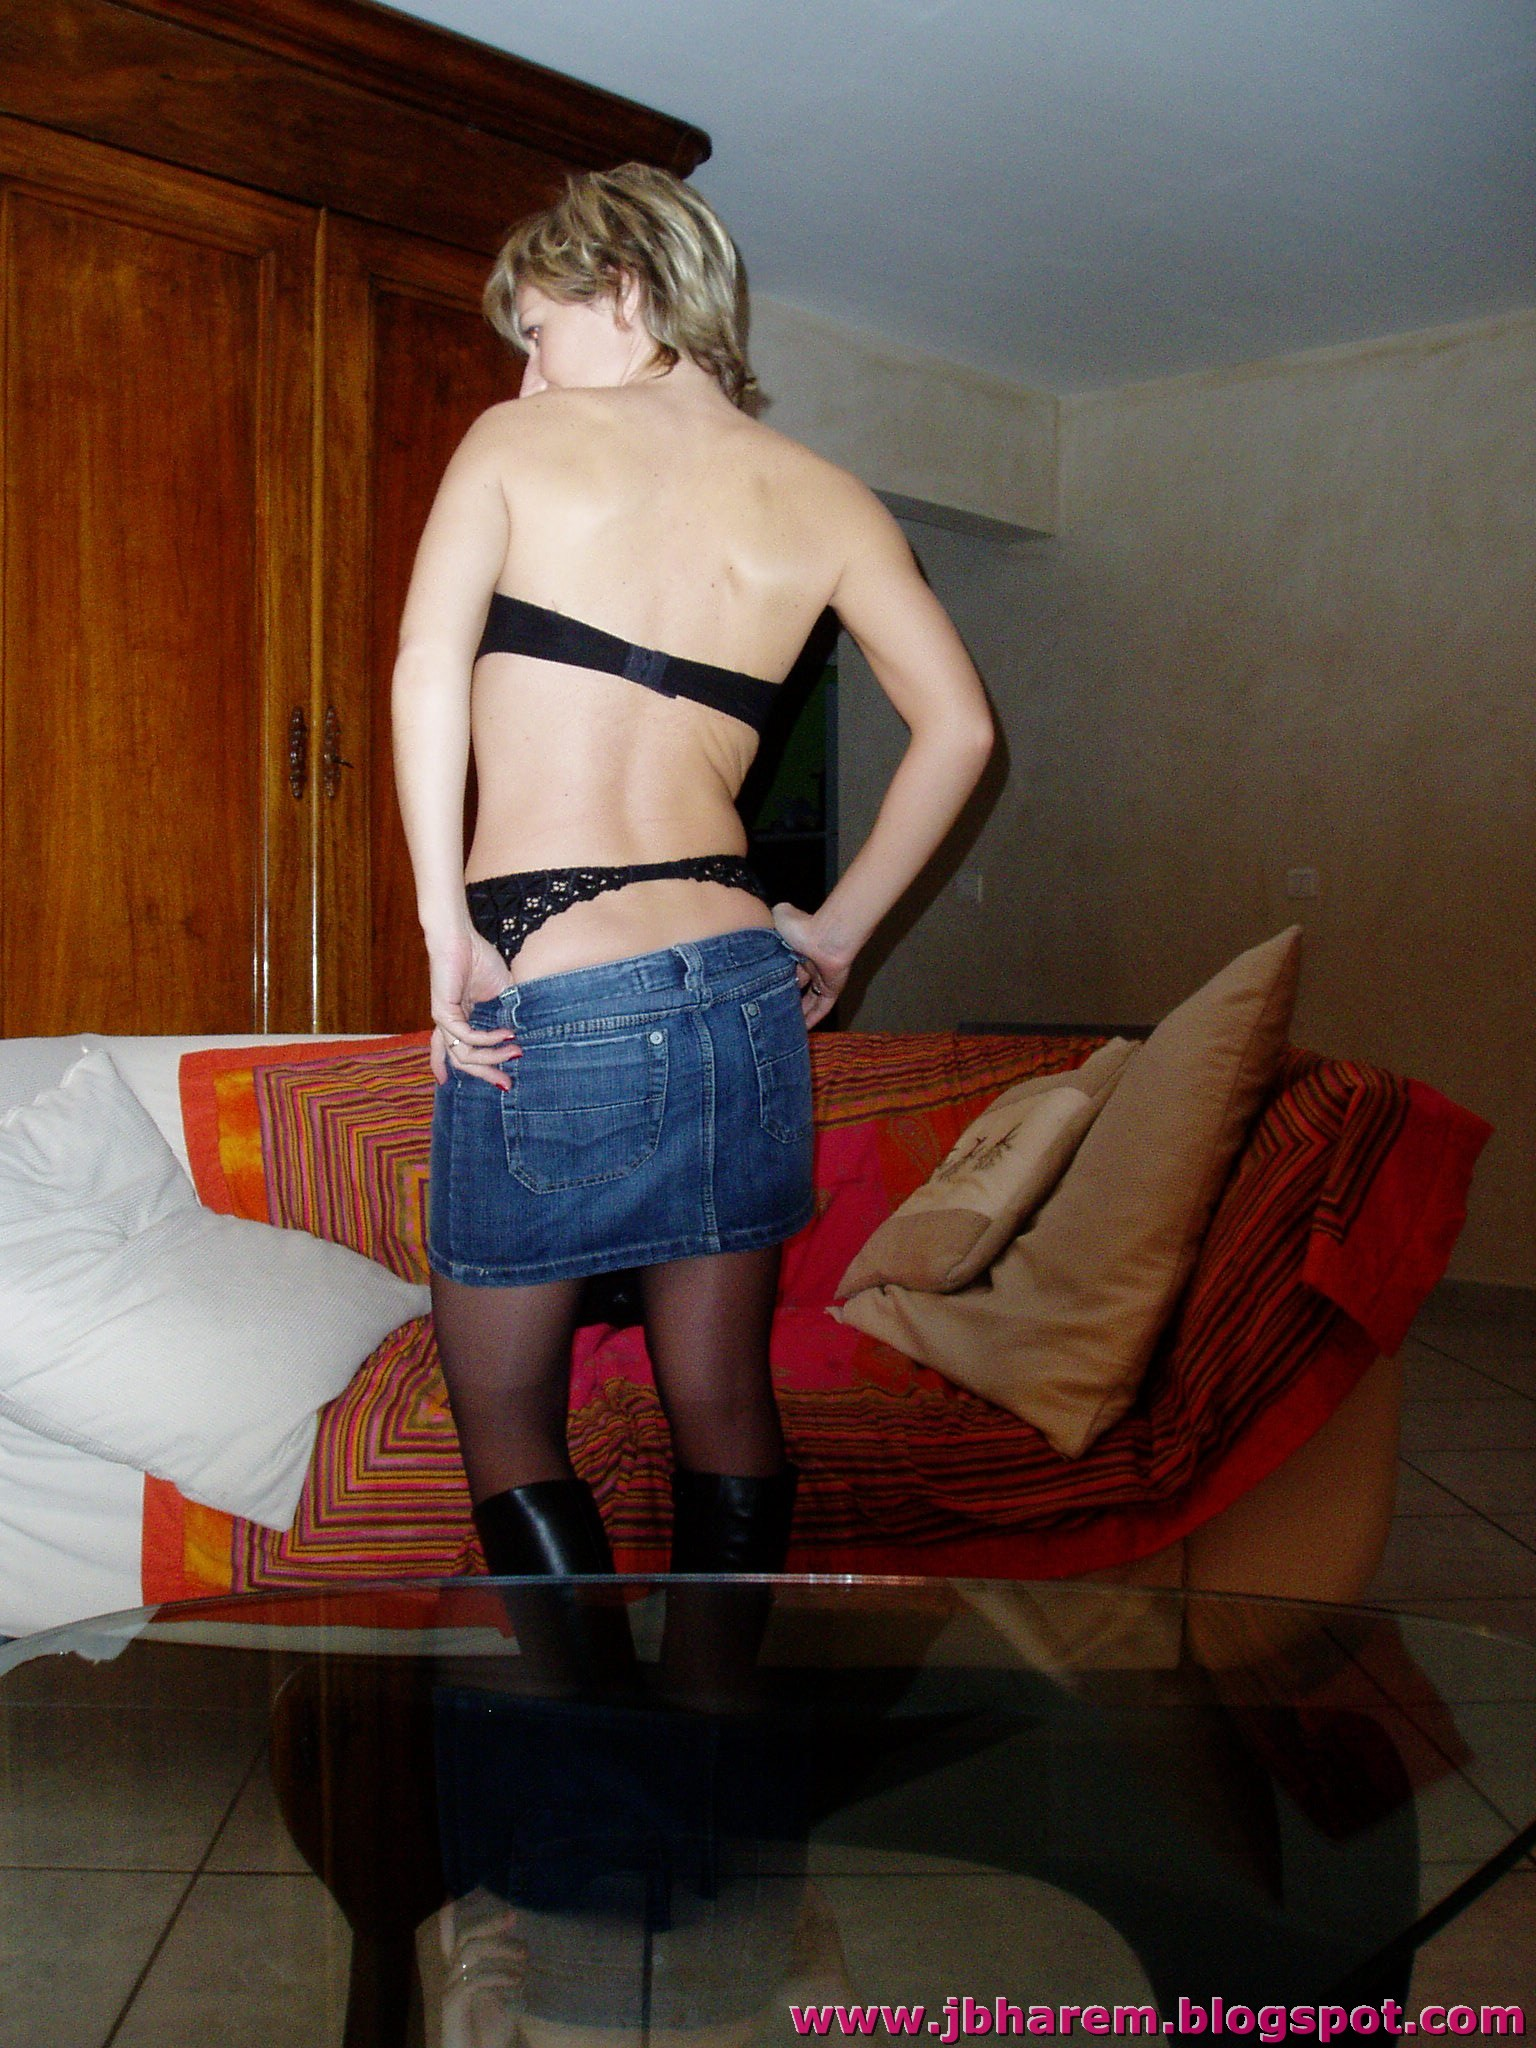 Женщина из Невады снимает джинсовую юбку